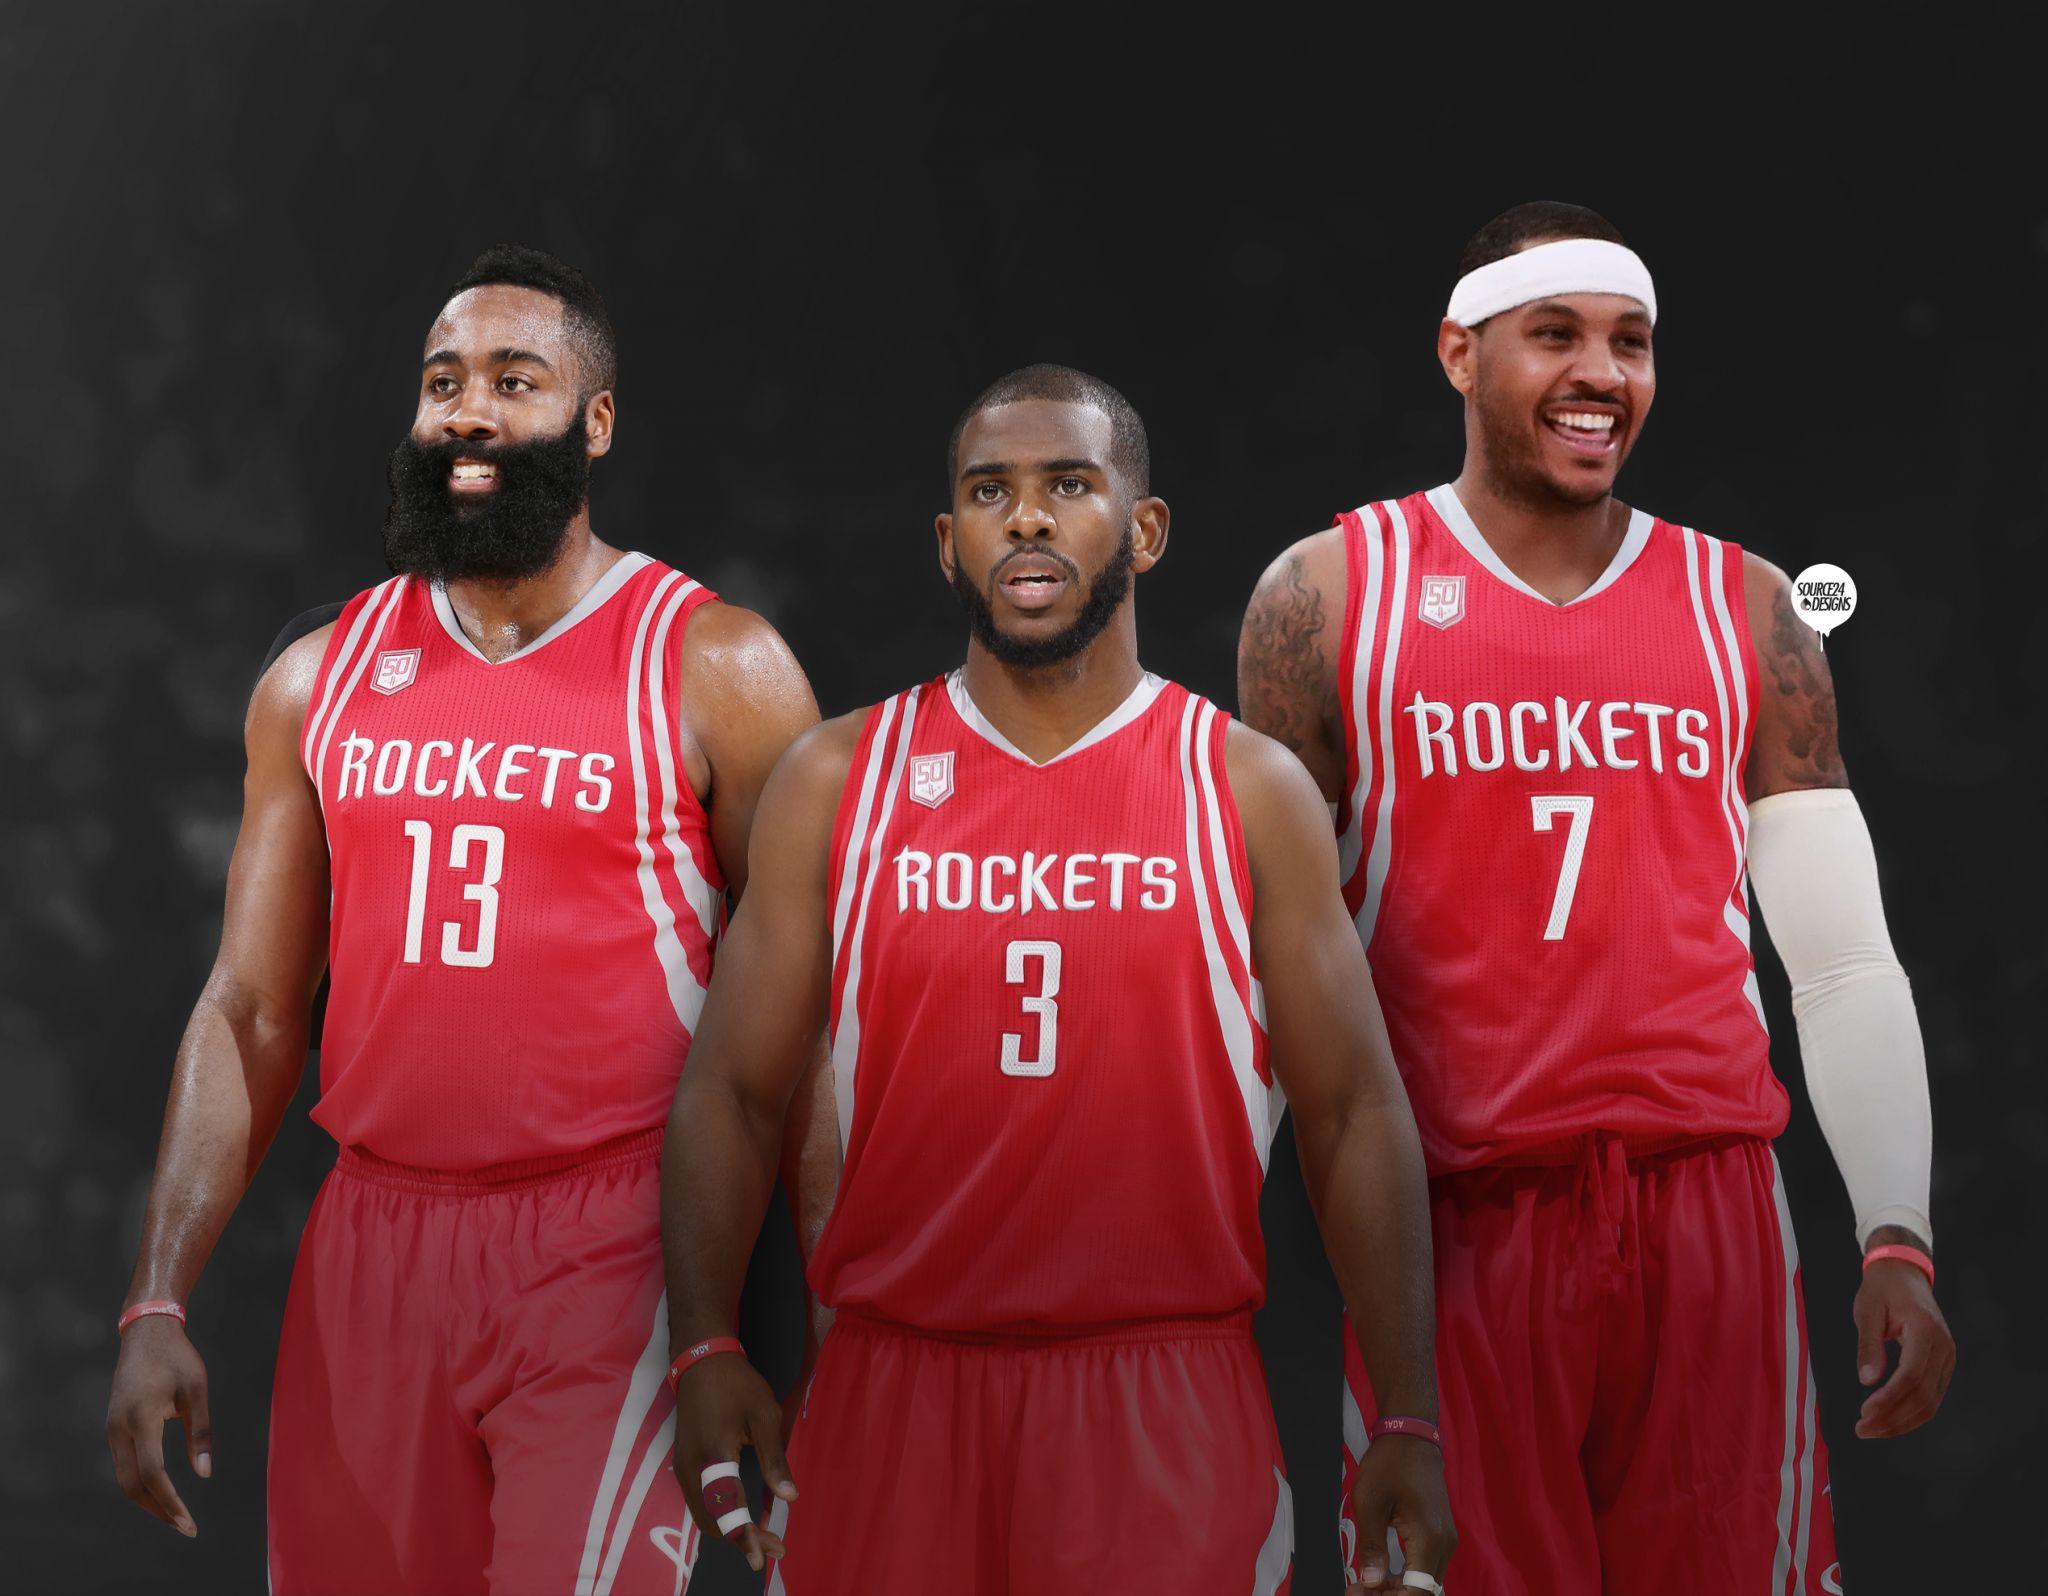 fc63af2069e Carmelo Anthony gets Photoshopped into Houston Rockets jersey - San ...